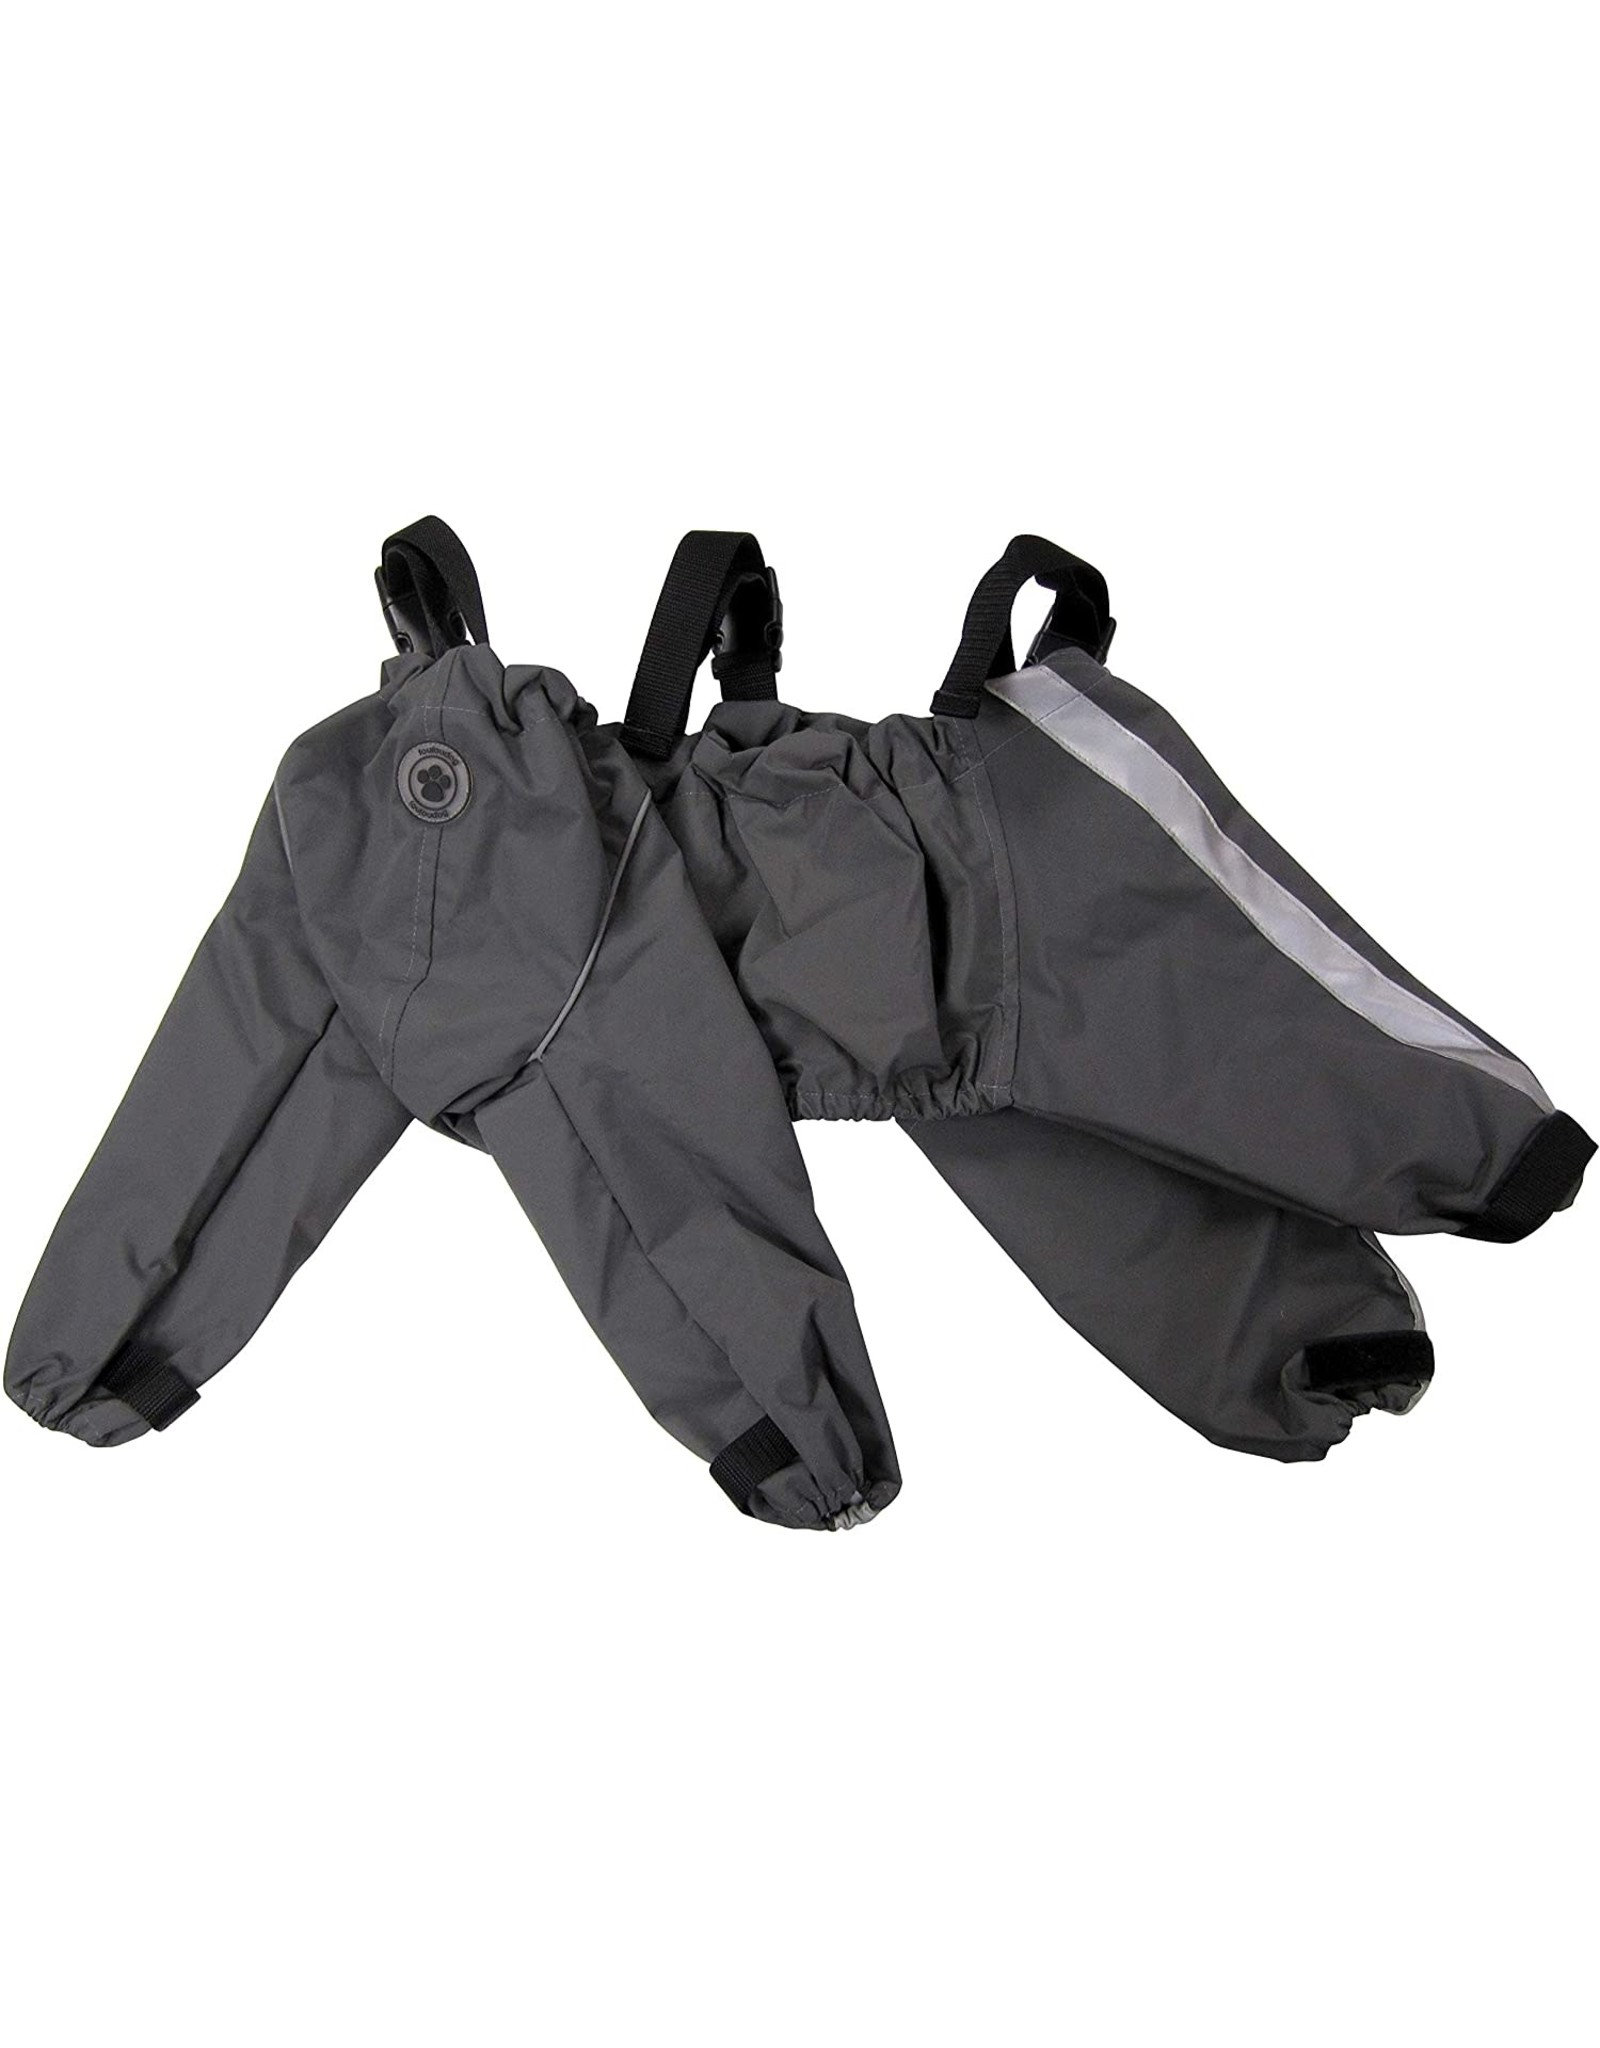 FouFouBrands FFD - Outerwear - BodyGuard - Gray XL